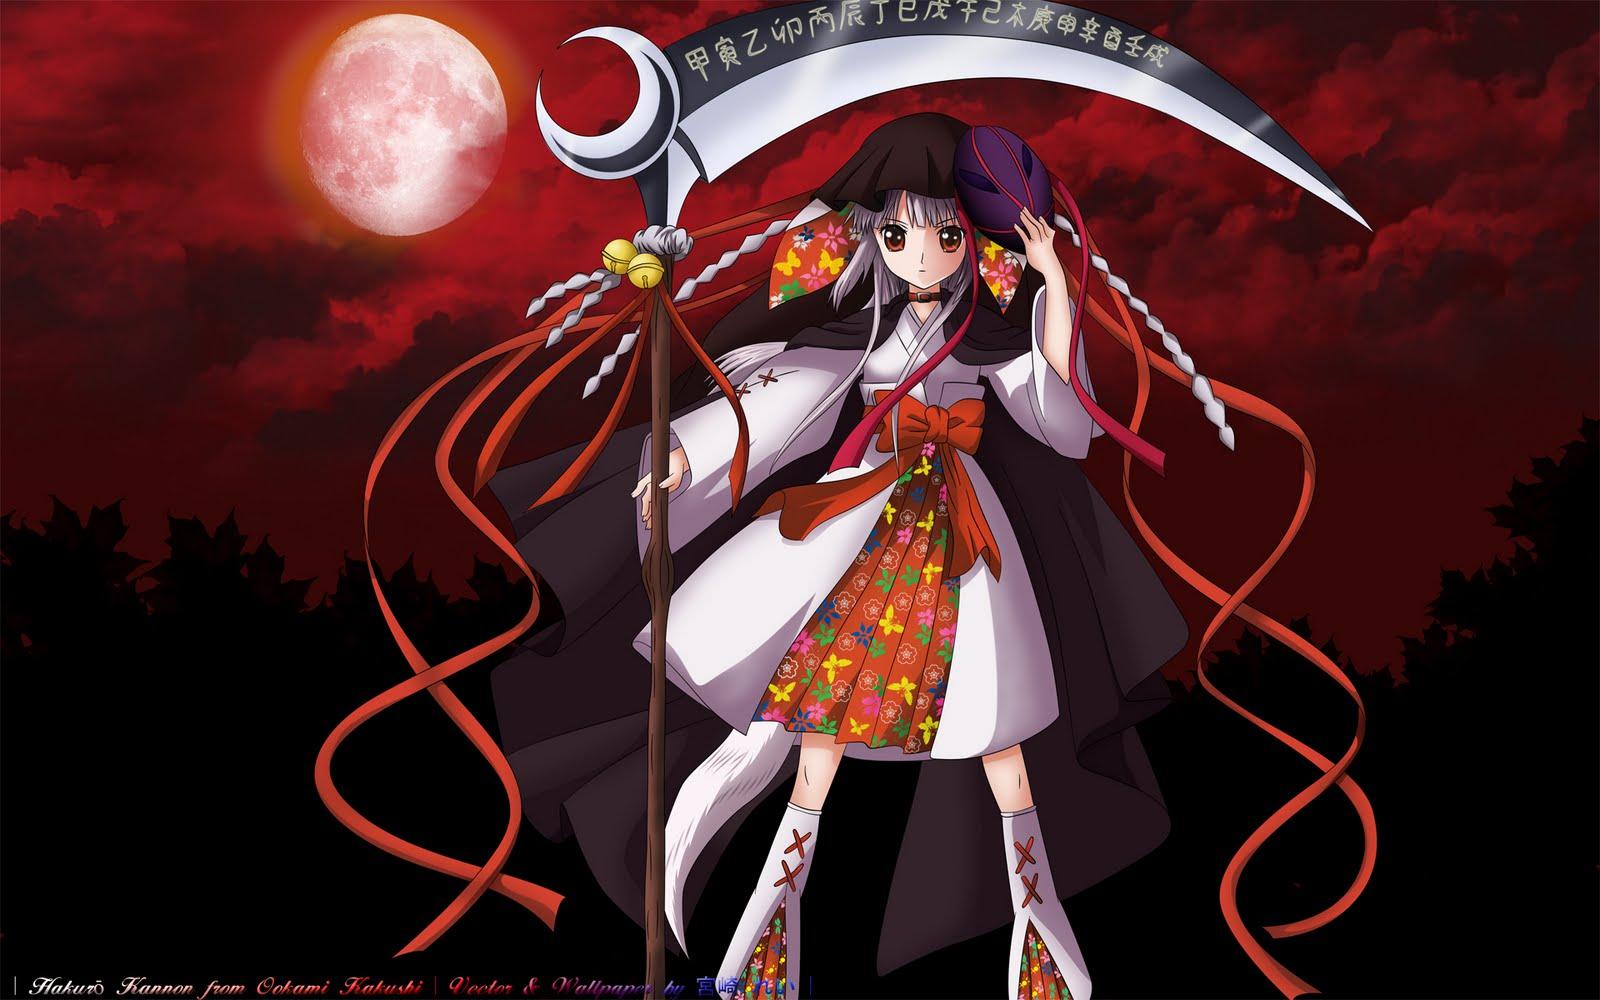 http://4.bp.blogspot.com/_4cYAM3u-vvg/S_vM07G7Q2I/AAAAAAAAGos/Nwr77KLqi-c/s1600/Konachan.com+-+72252+kushinada_nemuru+moon+ookami_kakushi+scythe.jpg